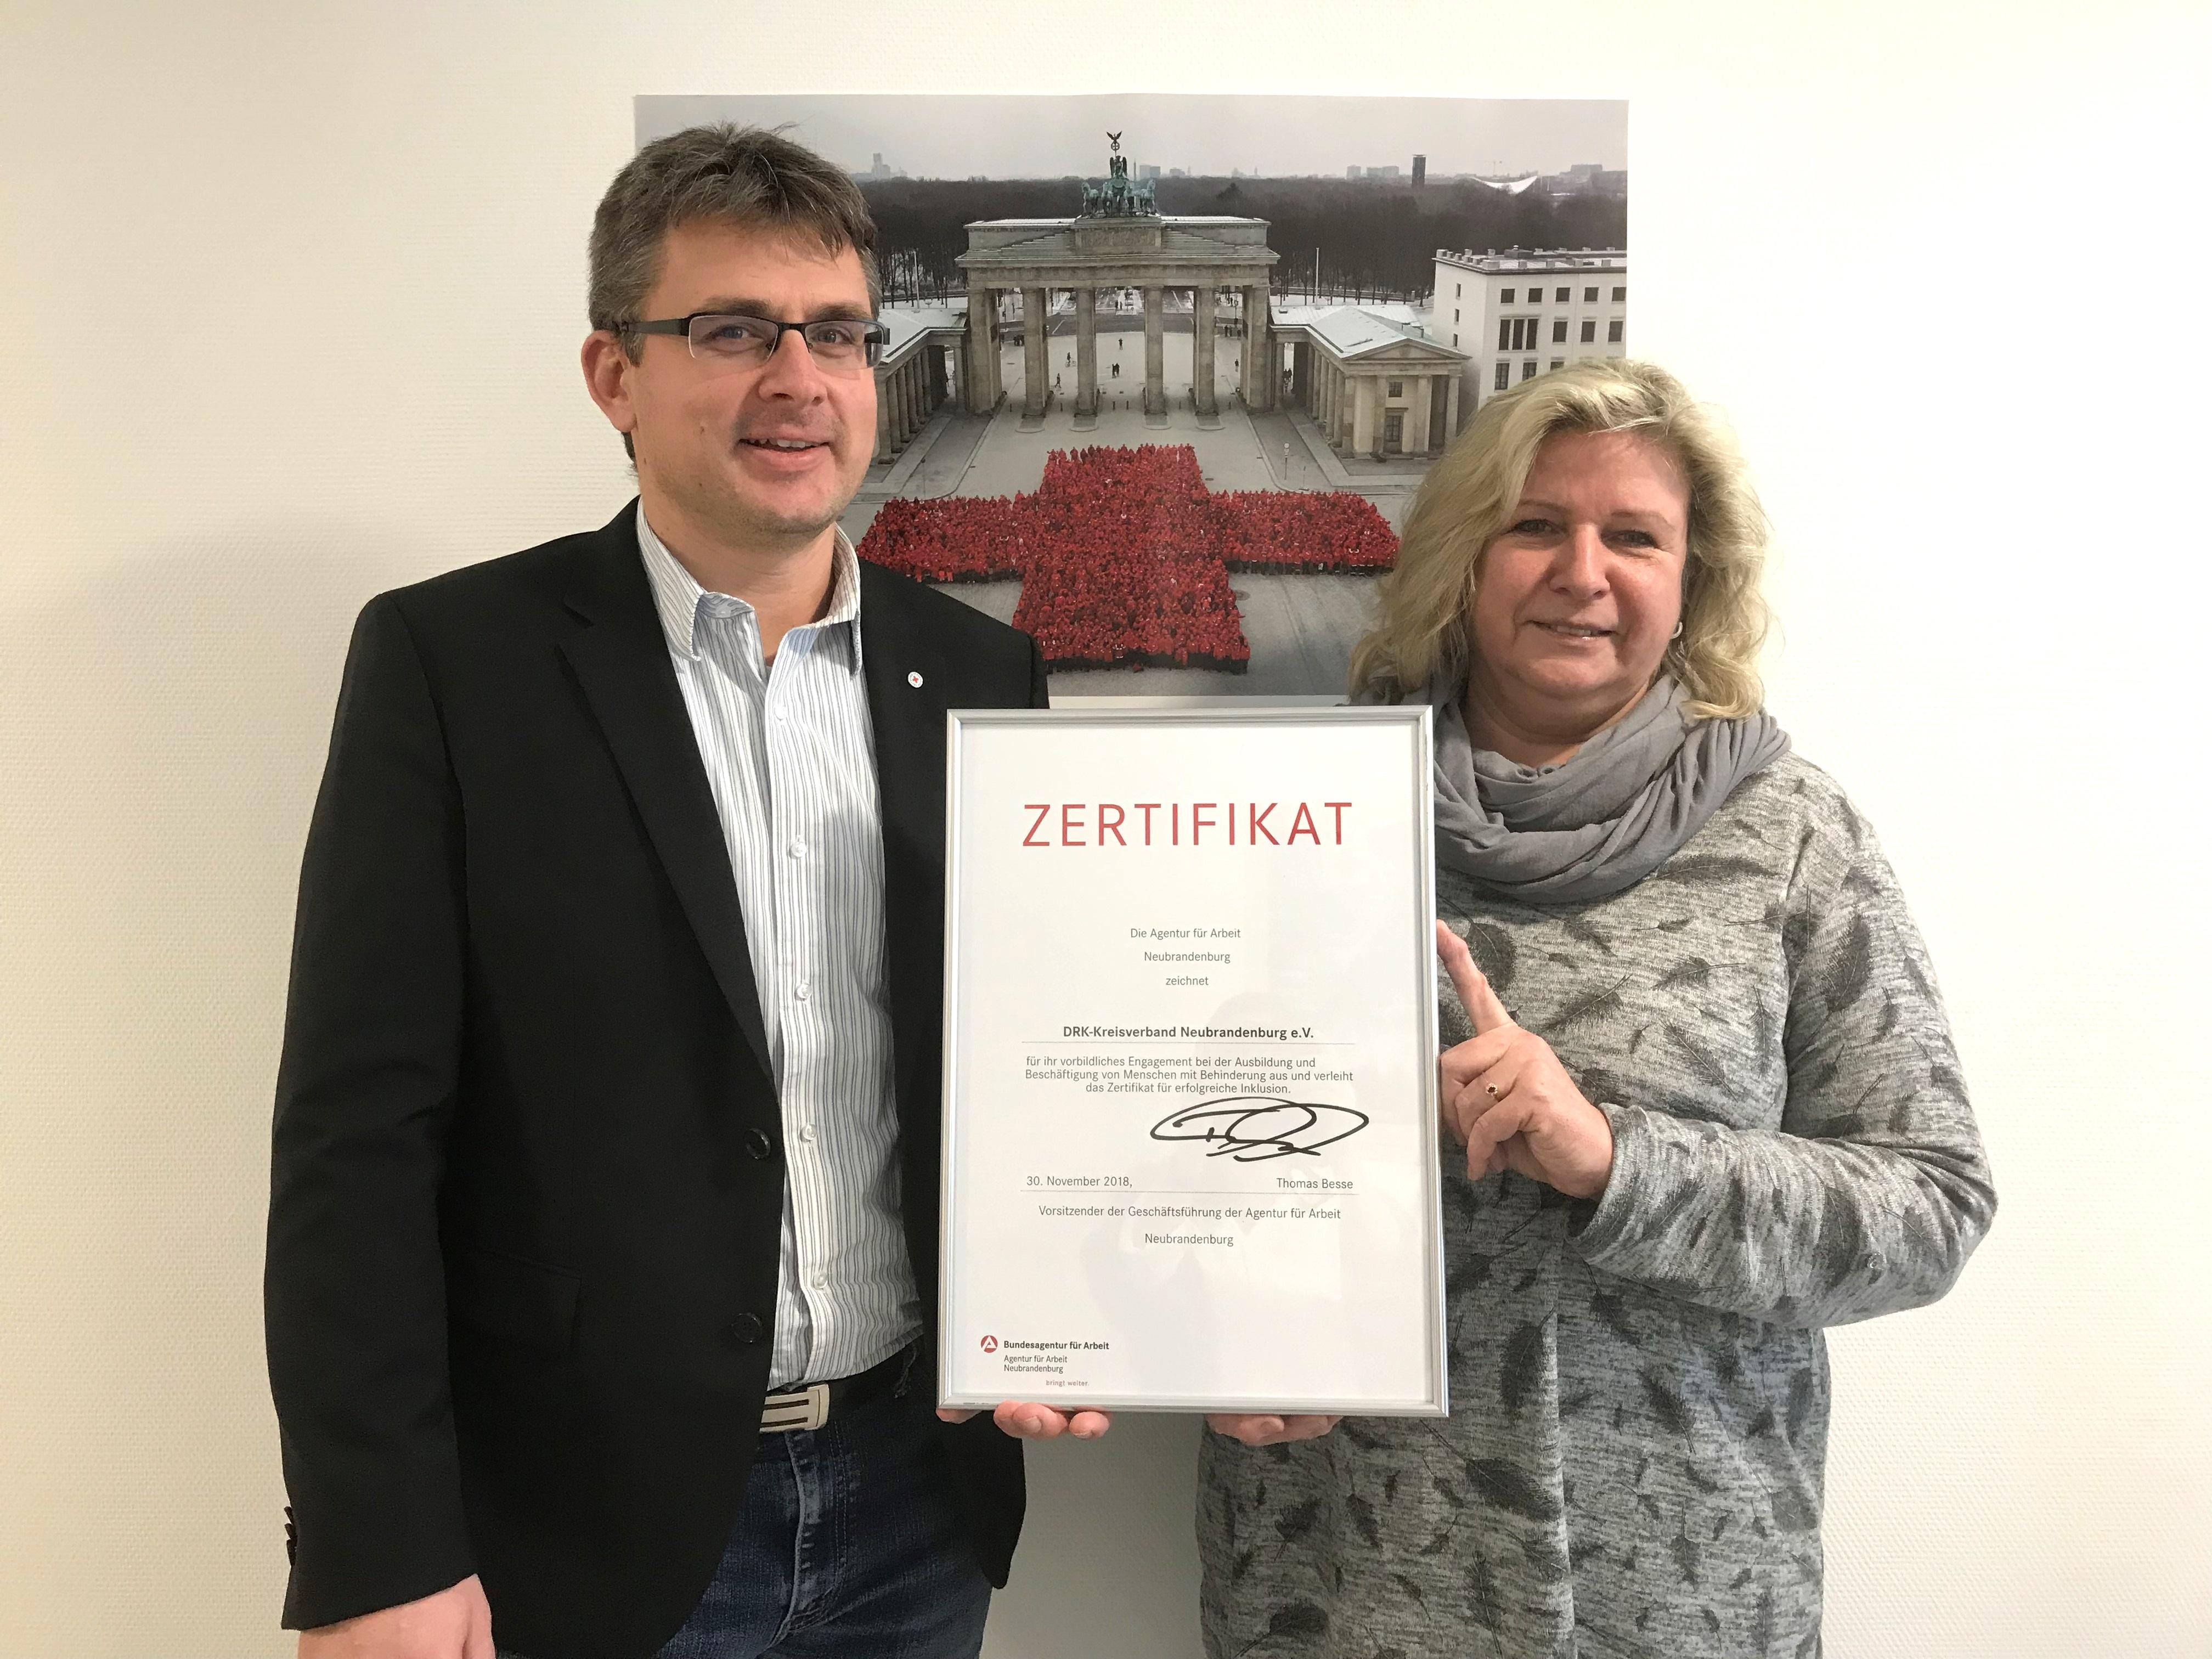 d623141d696242 ... Behinderung zeichnete die Agentur für Arbeit den DRK Kreisverband  Neubrandenburg e.V. im November 2018 aus und verlieh das Zertifikat für  erfolgreiche ...